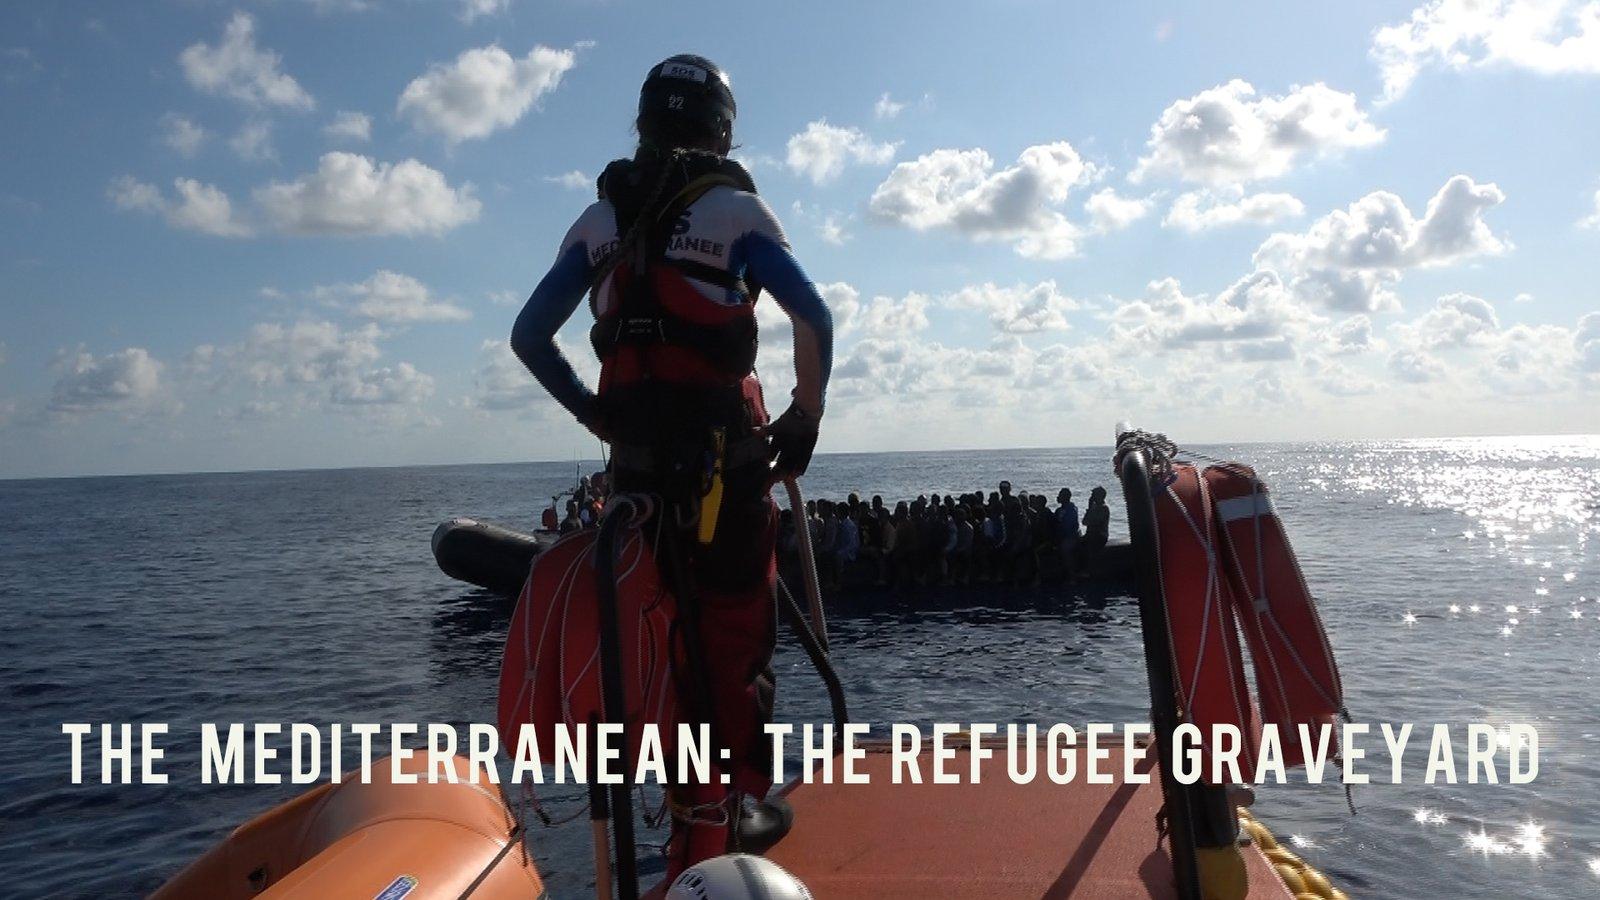 The Mediterranean: The Refugee Graveyard